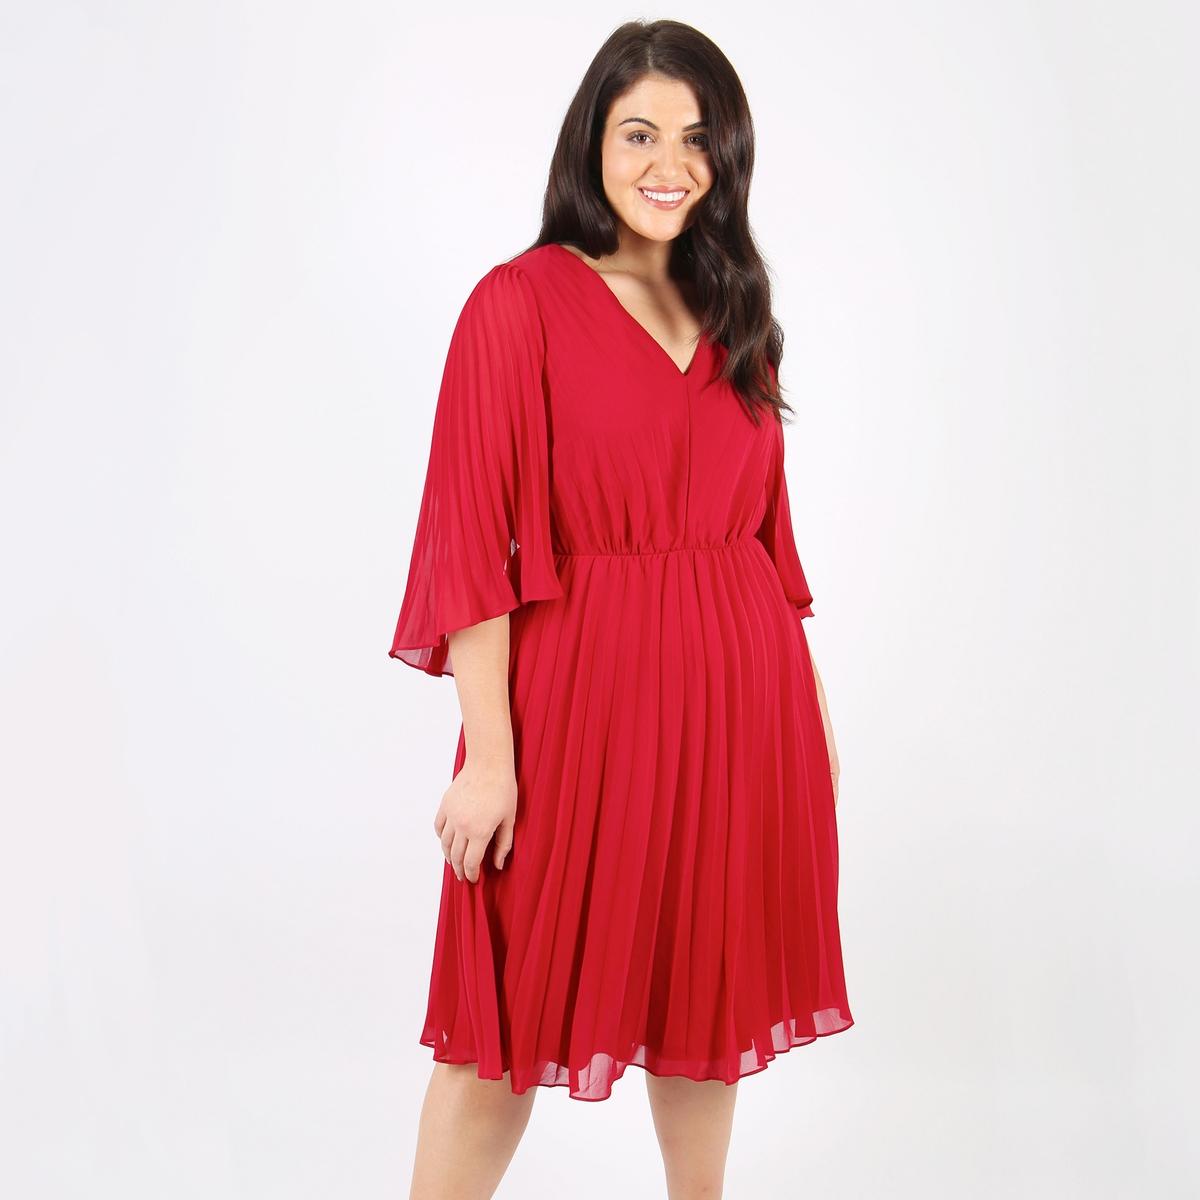 Платье расклешенное до колен с короткими рукавами, с рисунком в горошекДетали •  Форма : расклешенная •  Длина до колен •  Короткие рукава    •   V-образный вырез •  Рисунок в горошекСостав и уход •  100% полиэстер •  Следуйте рекомендациям по уходу, указанным на этикетке изделияТовар из коллекции больших размеров<br><br>Цвет: красный